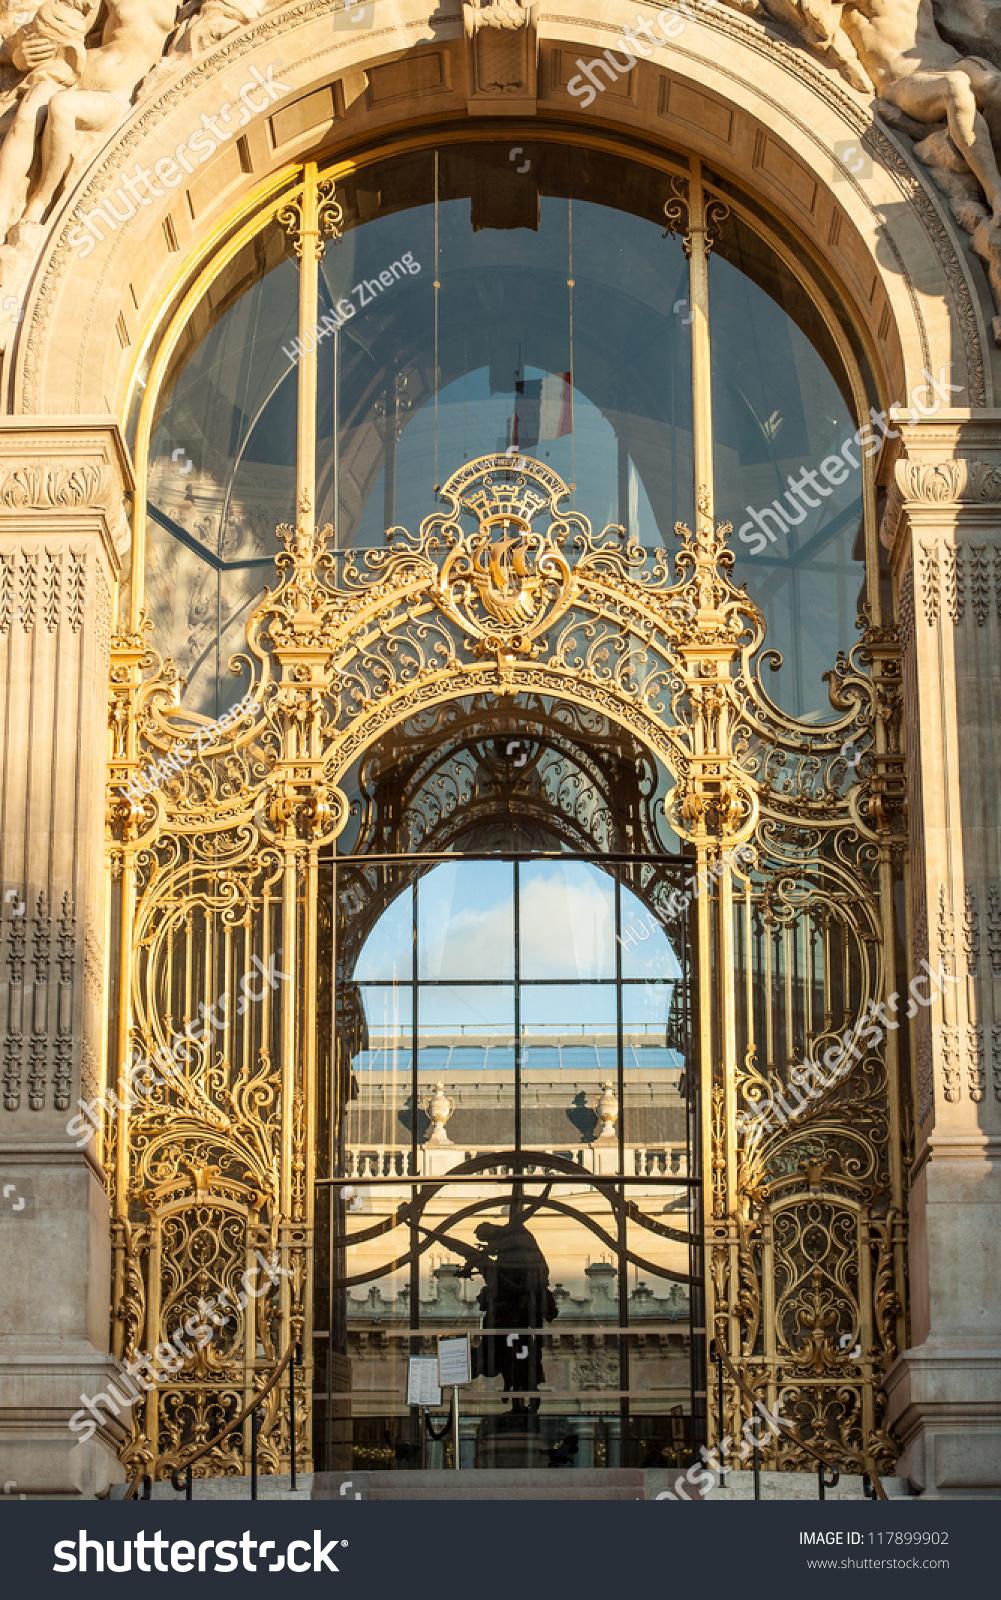 法国巴黎小宫殿的入口装饰(小皇宫)-建筑物/地标,艺术图片